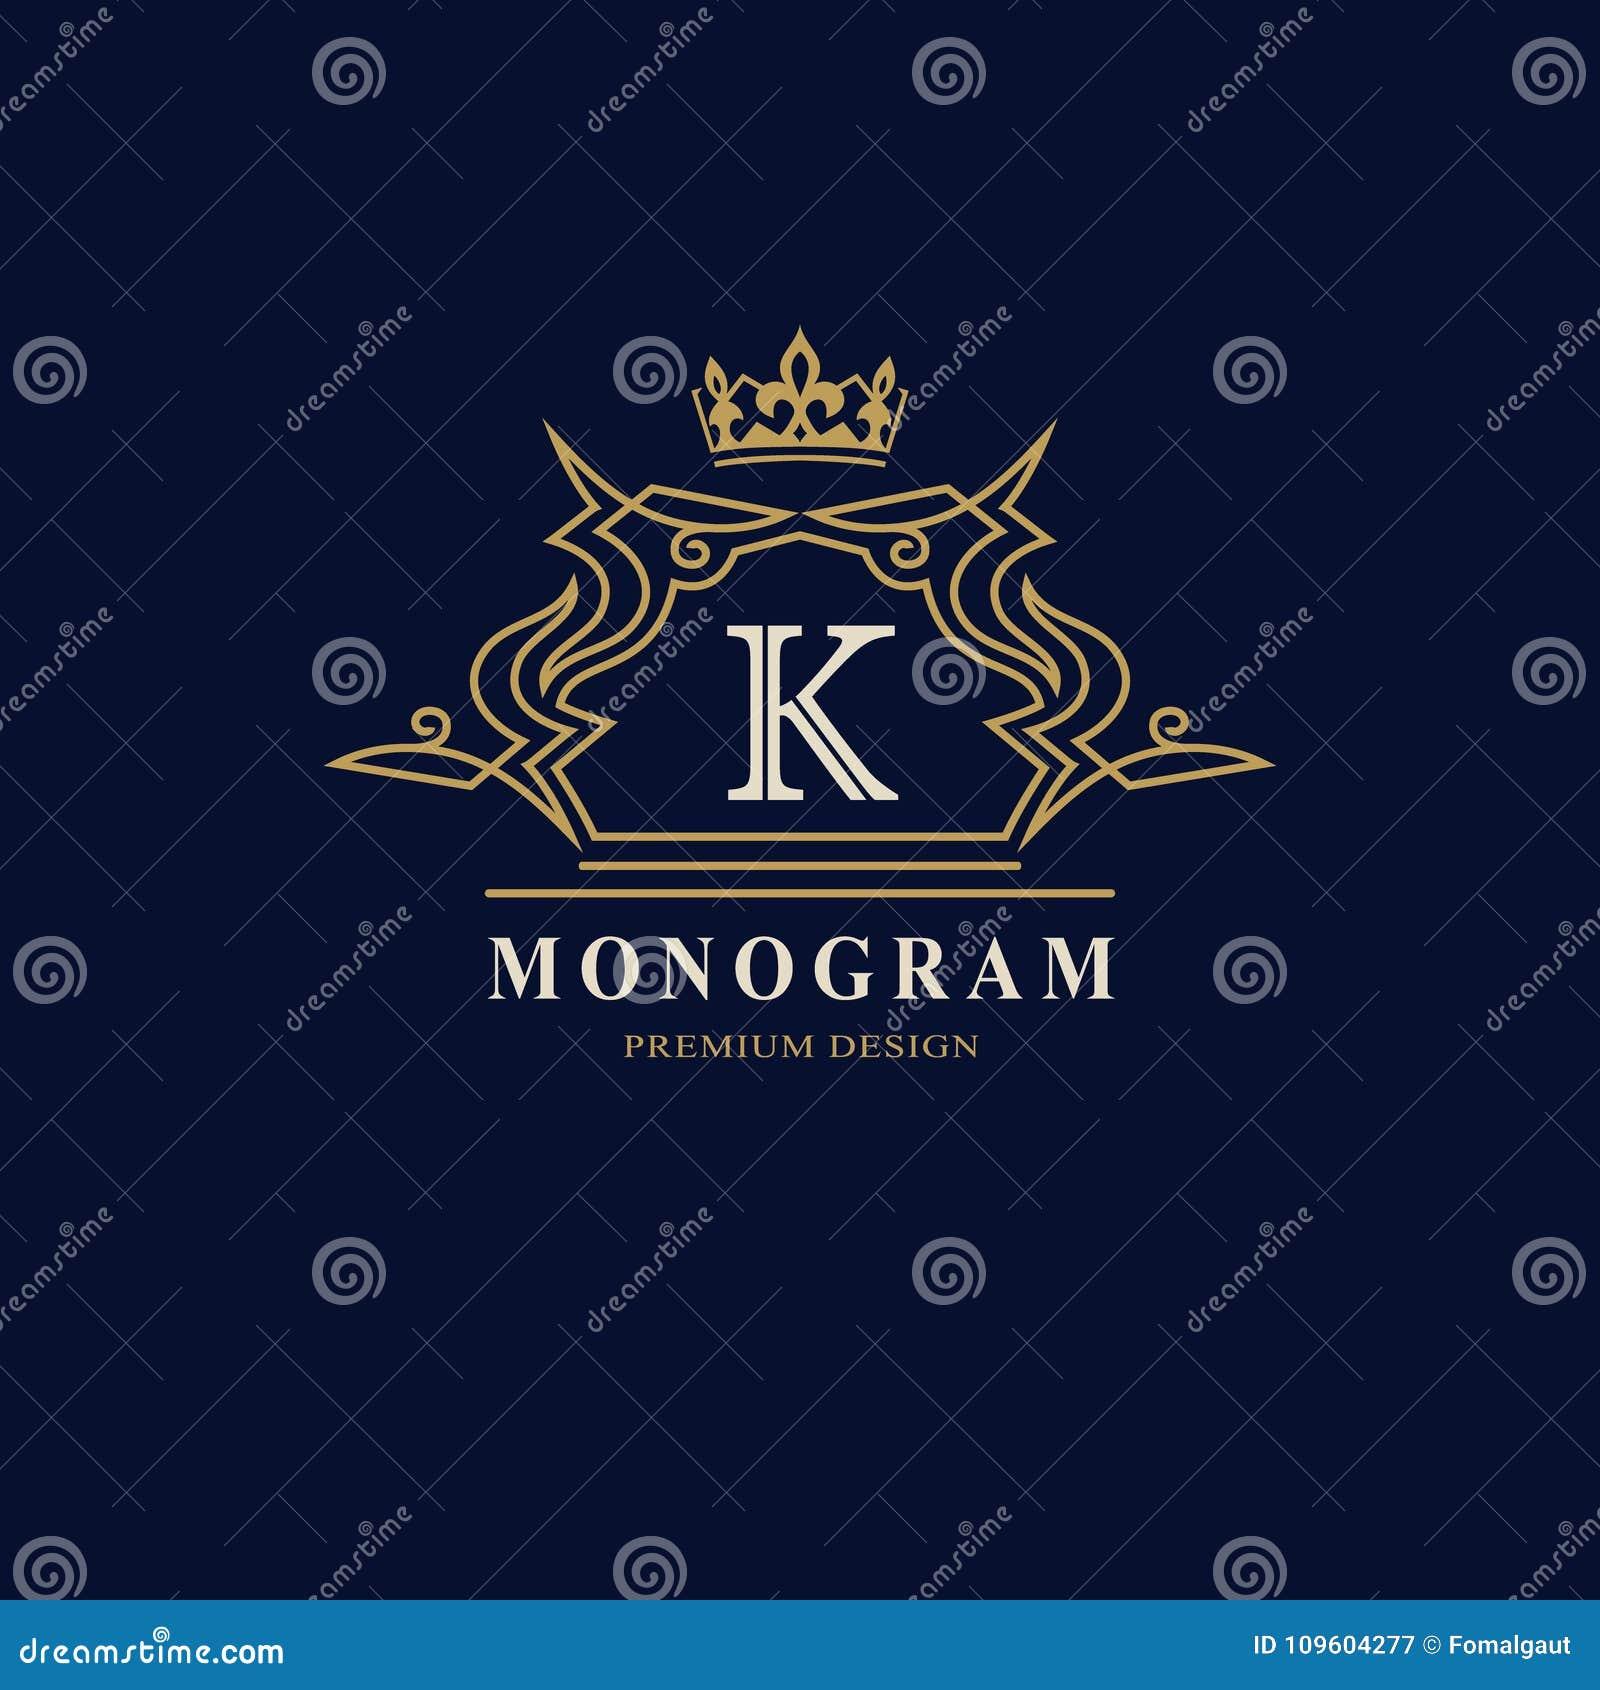 Линия вензель графиков Дизайн логотипа элегантного искусства Письмо k Грациозно шаблон Знак дела, идентичность для ресторана, кор